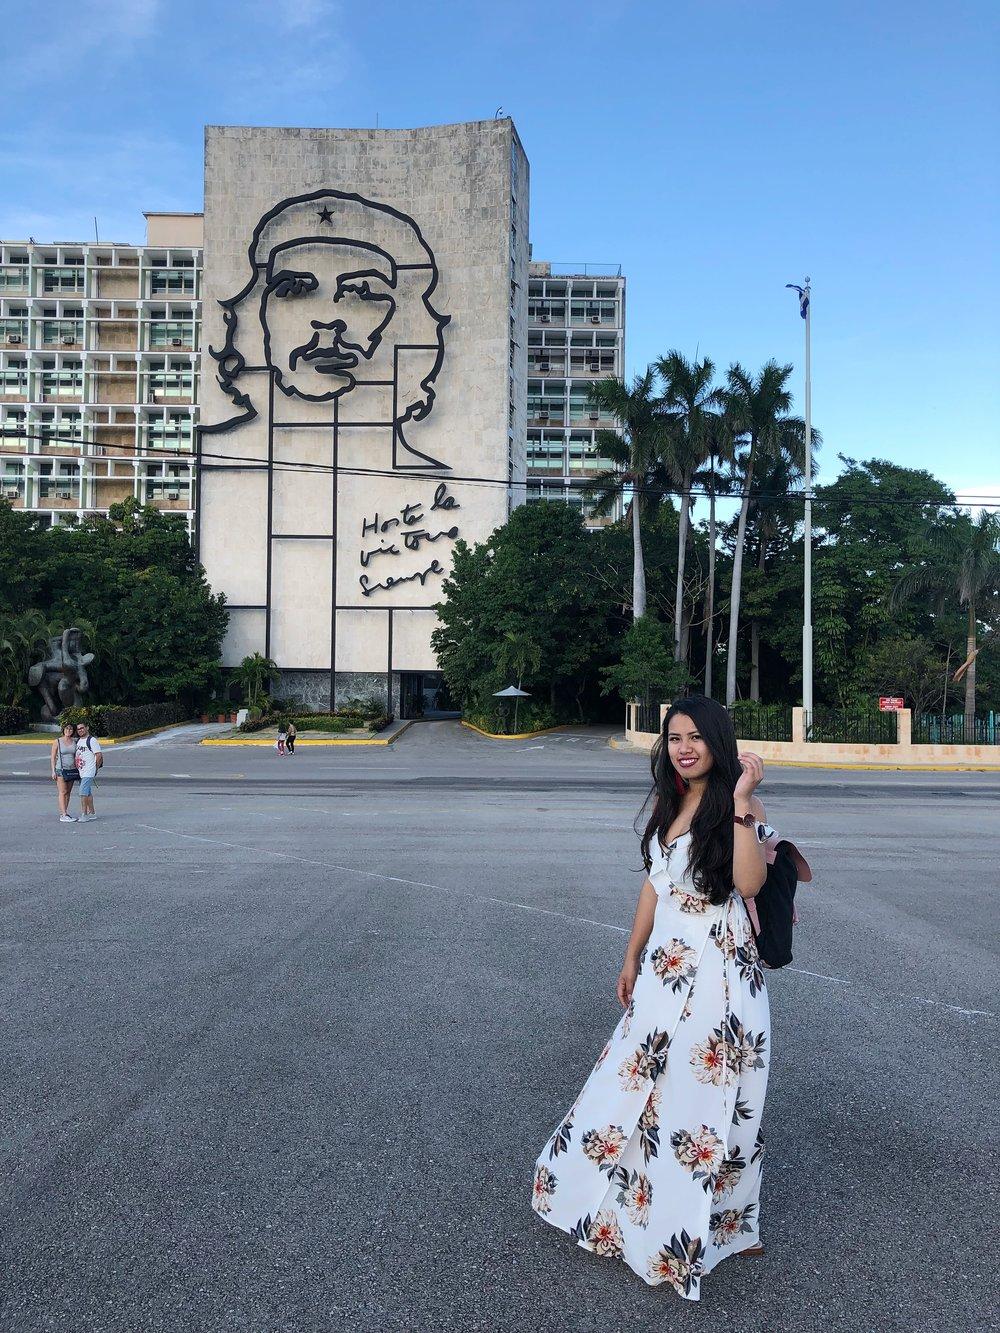 In front of the Che Guevara face in  Plaza de la Revolucion